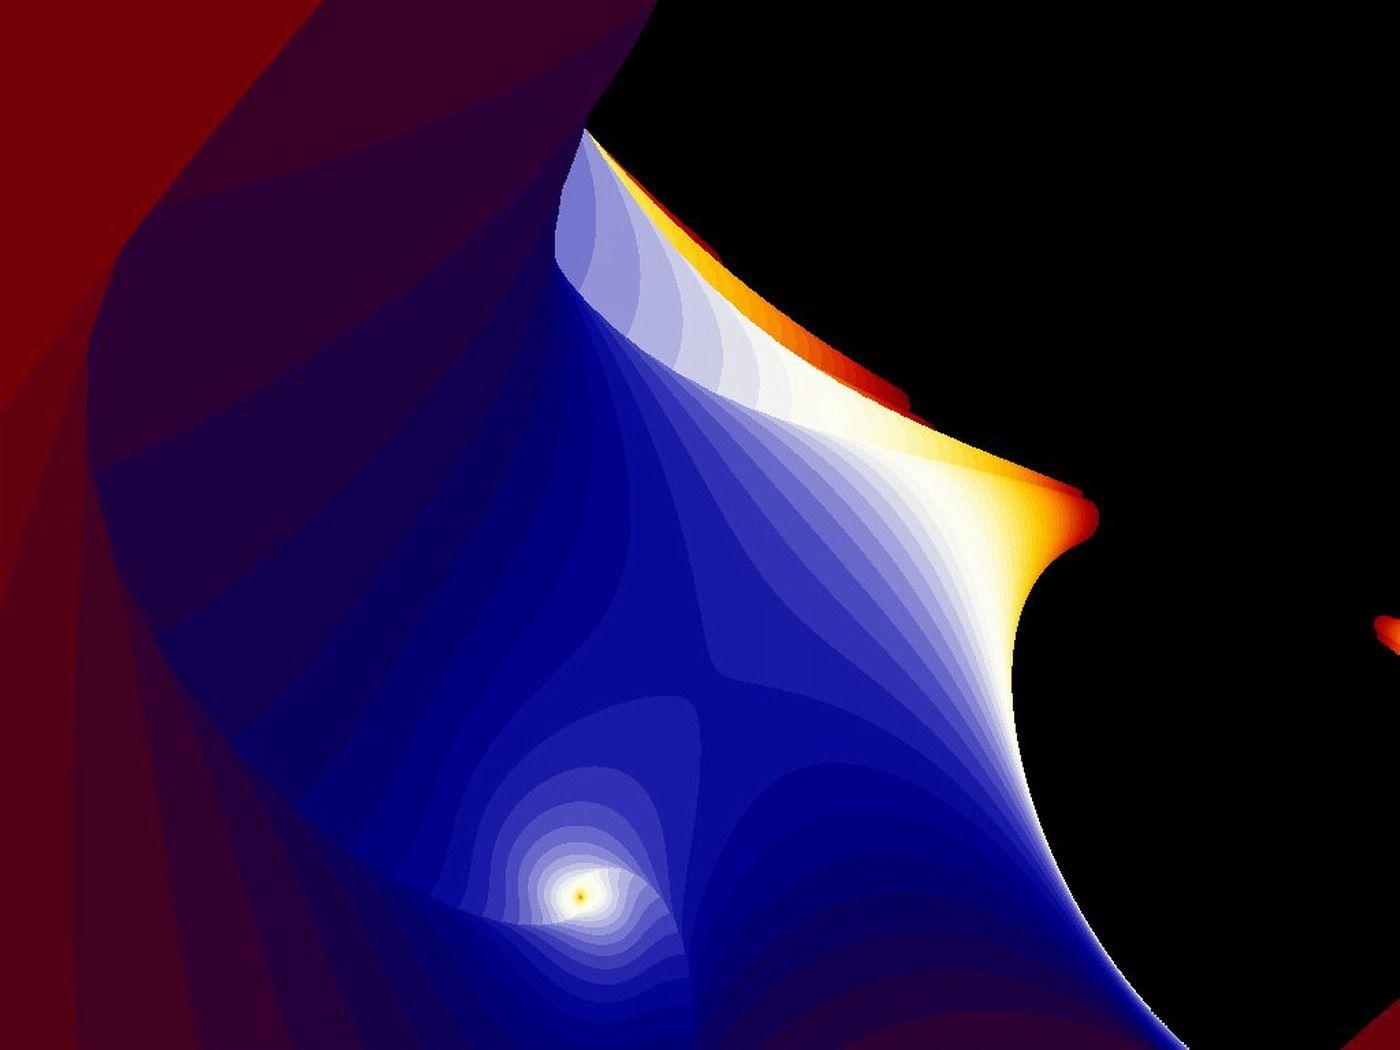 Arabesques, spirales et fractales